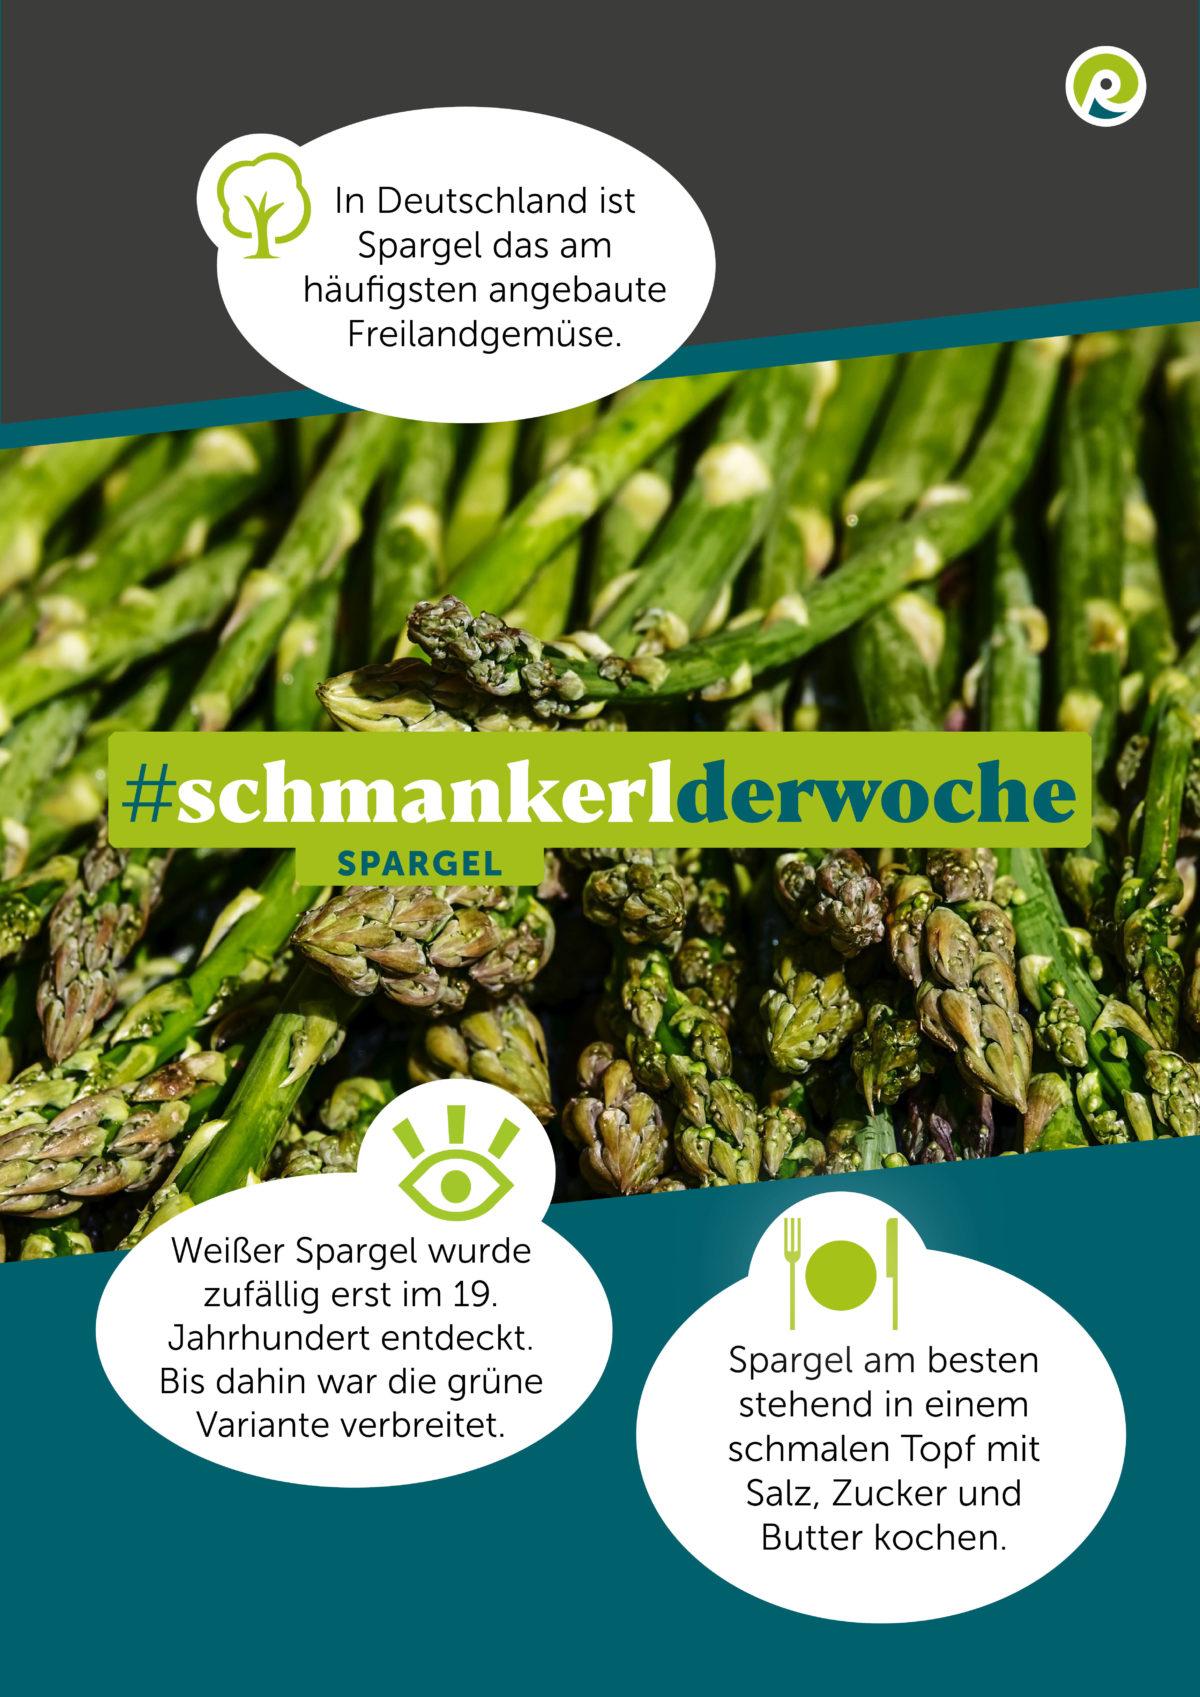 Regiothek-Infografik zum Schmankerl der Woche: Spargel.